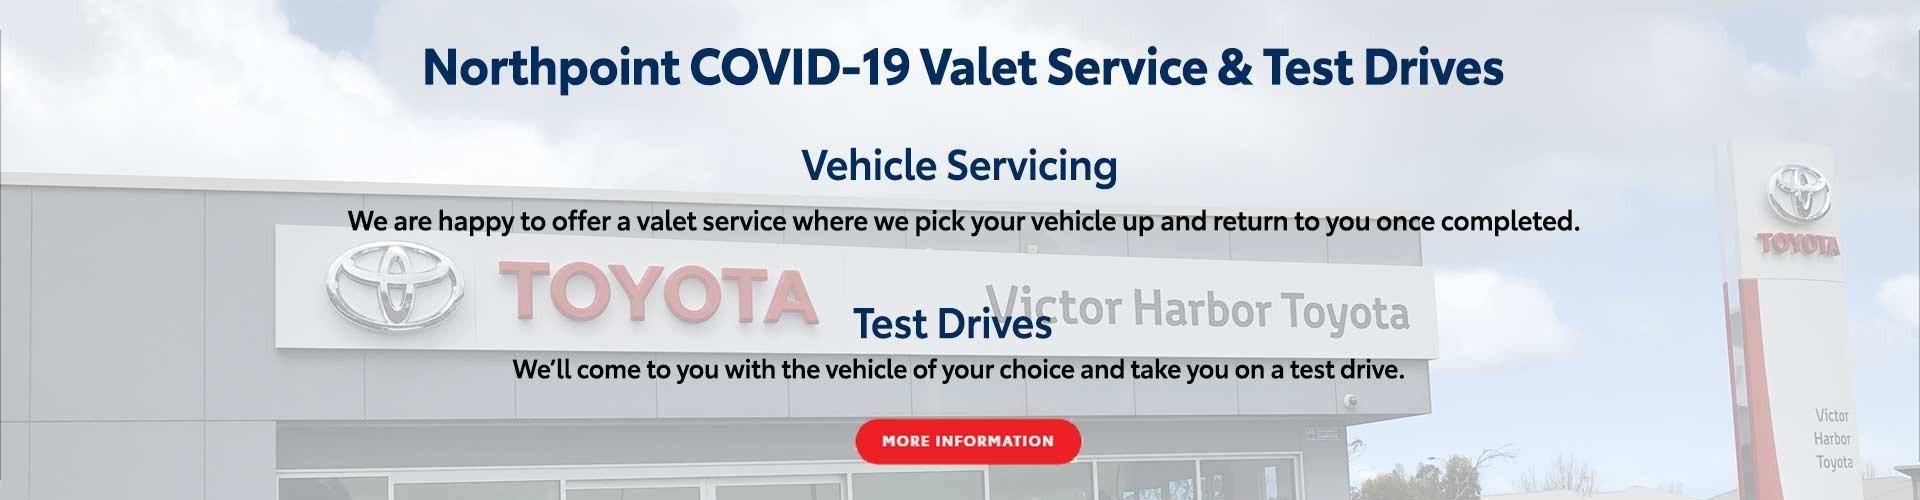 Victor Harbor Toyota Valet Service Offer